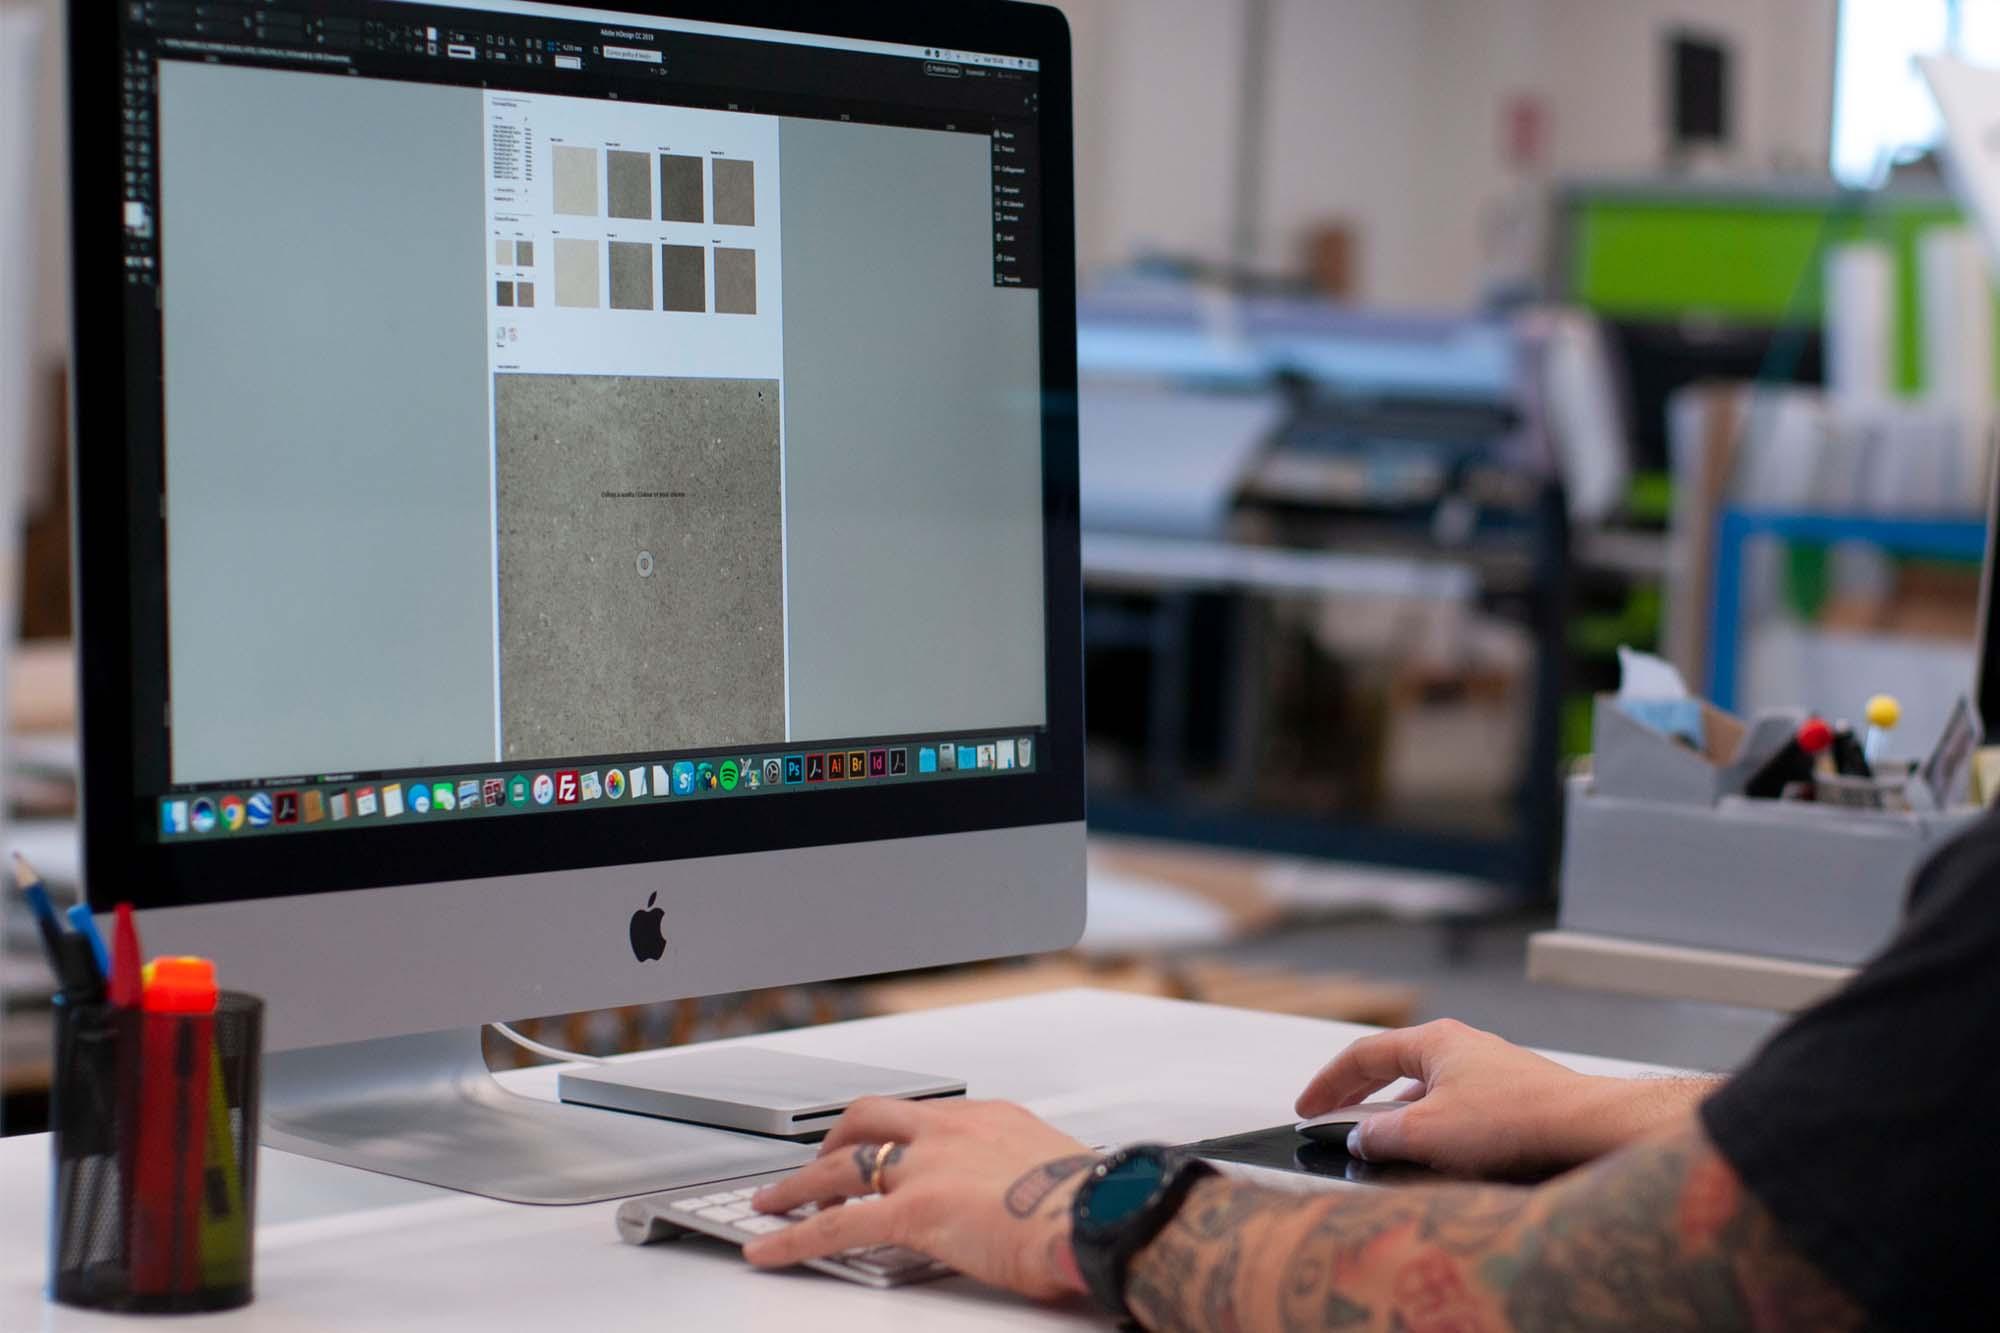 progettazione pannelli sinottici per ceramica